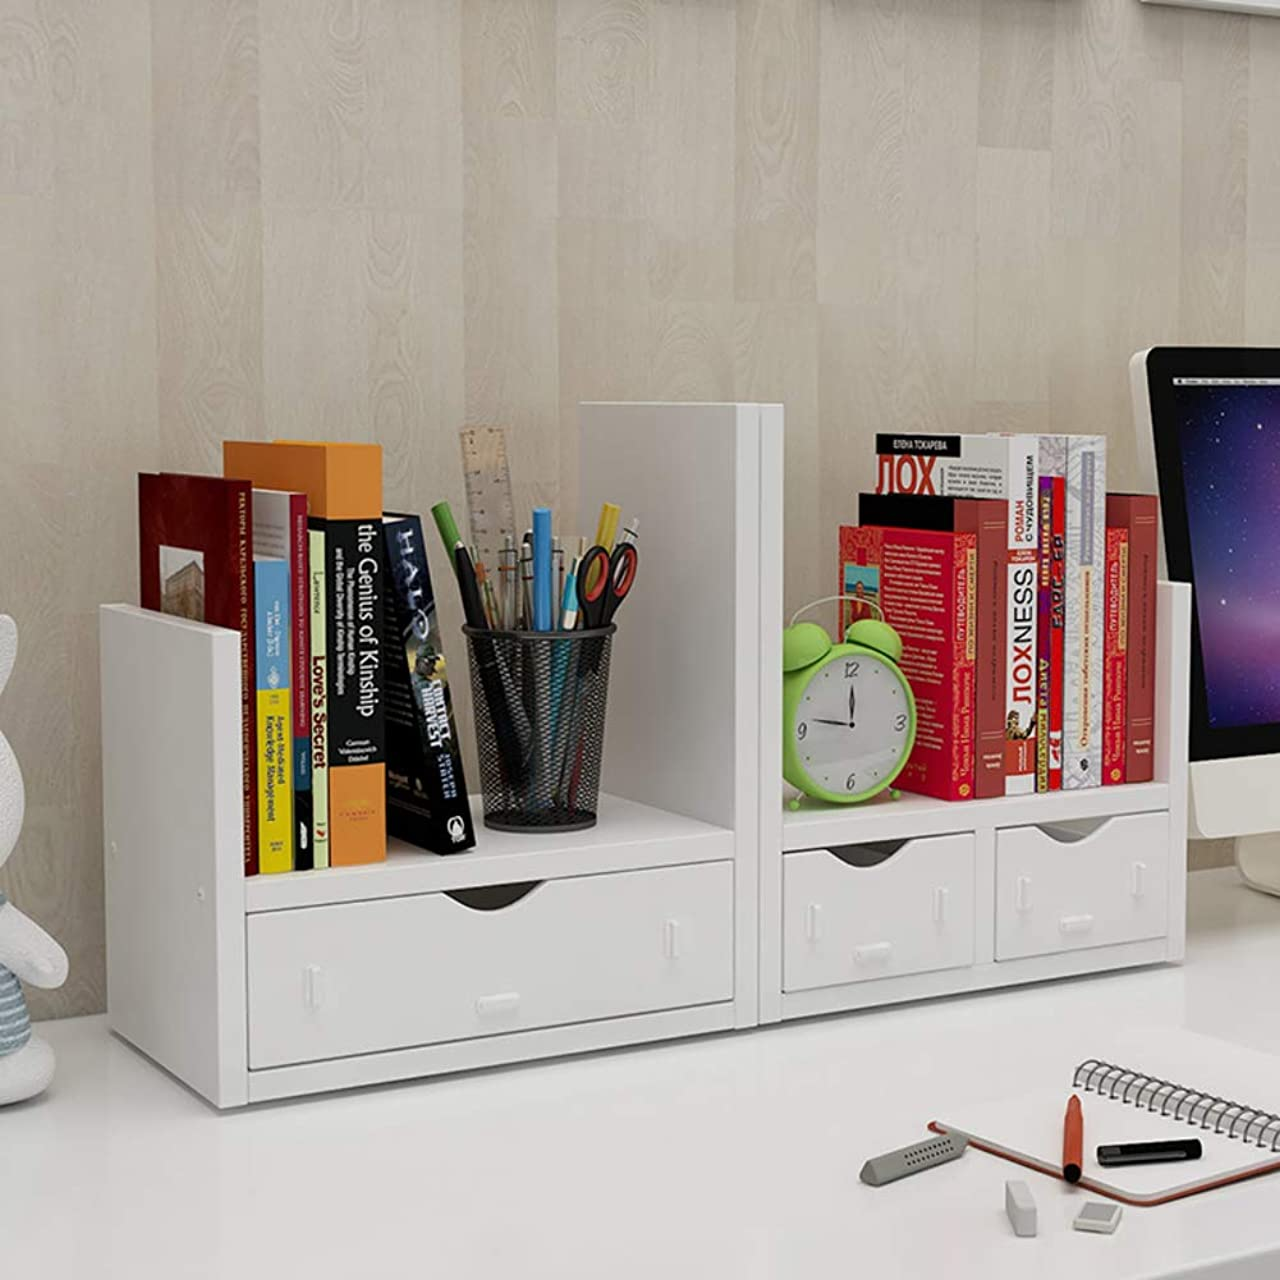 形式うめき声アプライアンスデスクオーガナイザー 引き出し付き,調整可能 自立 オフィス収納ラック 飾り棚 ブックストレージドロワー&ディスプレイシェルフラック-a 61x17x30cm(24x7x12inch)